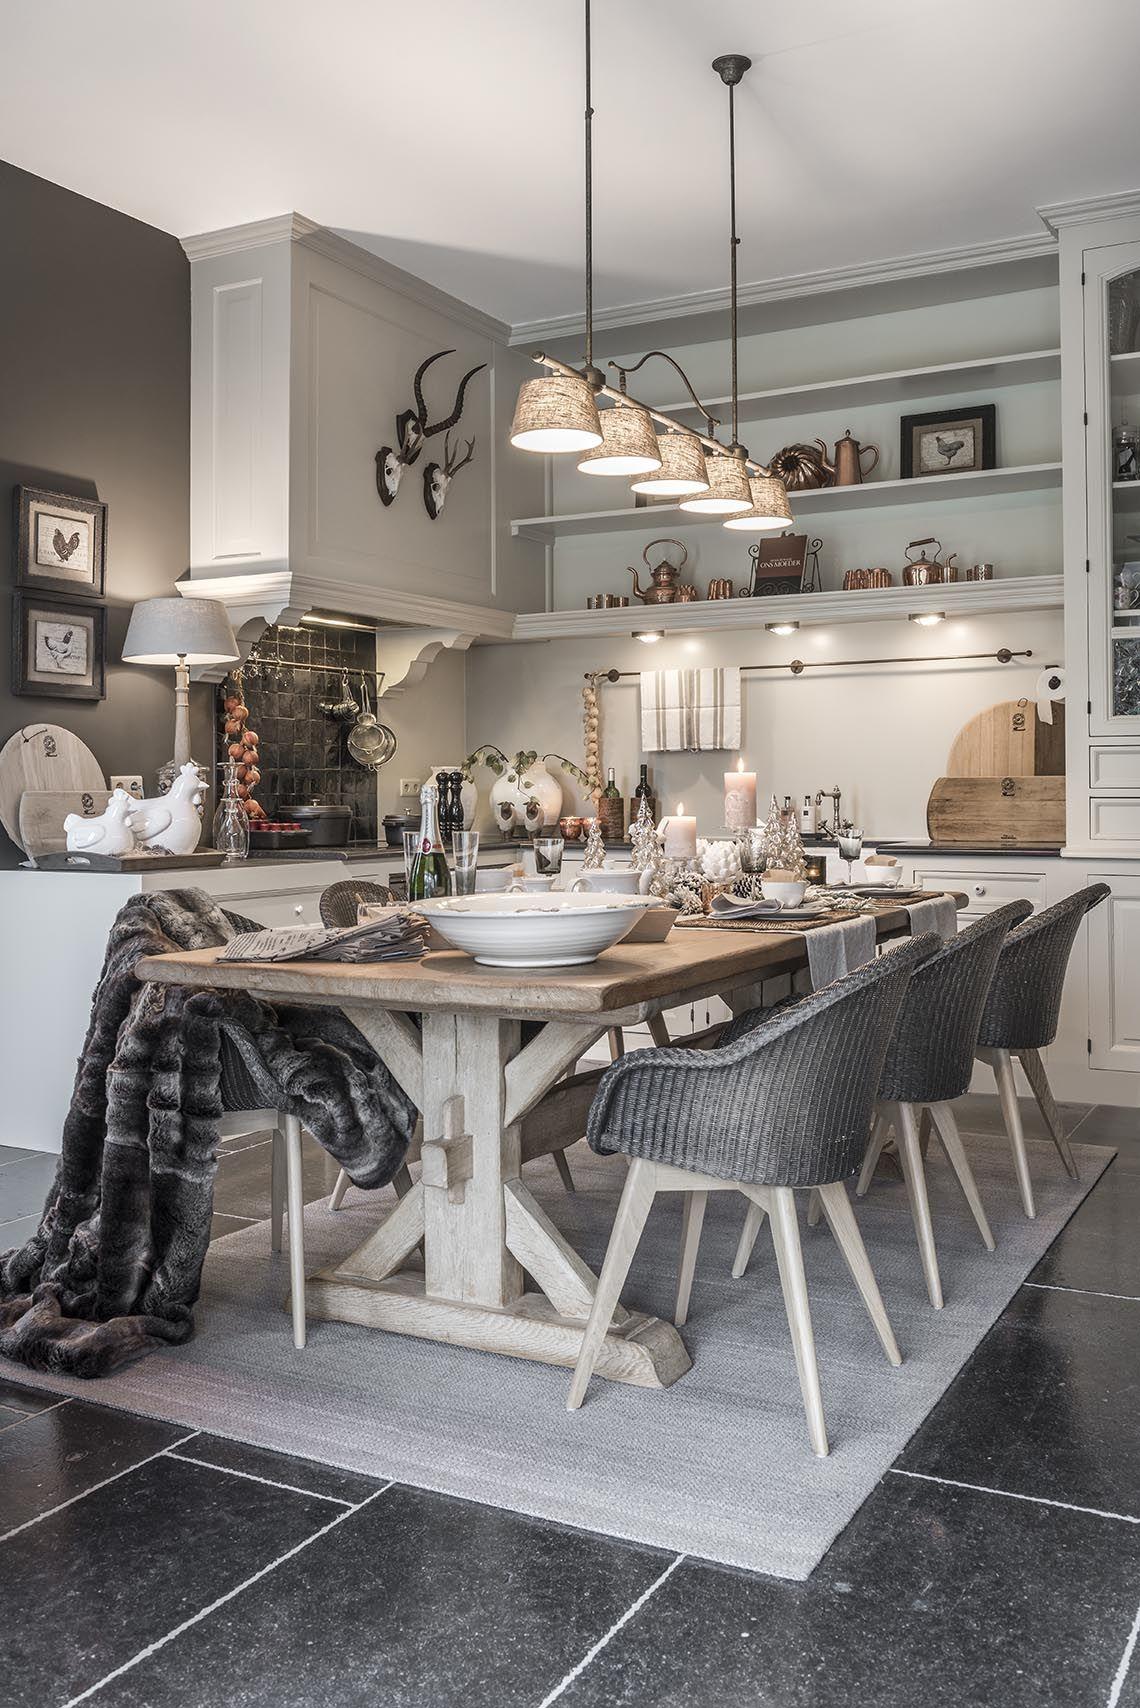 gilyans interieur landelijk keuken luxus wonen